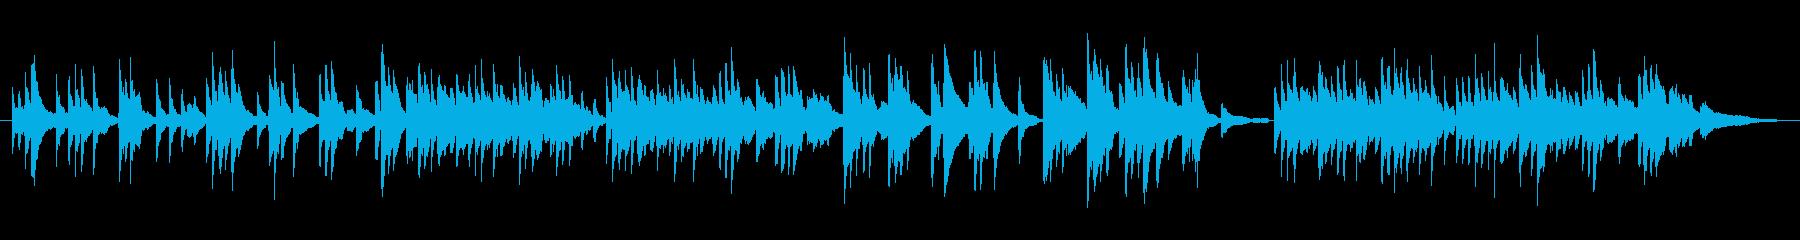 切なく悲しげなピアノBGMの再生済みの波形